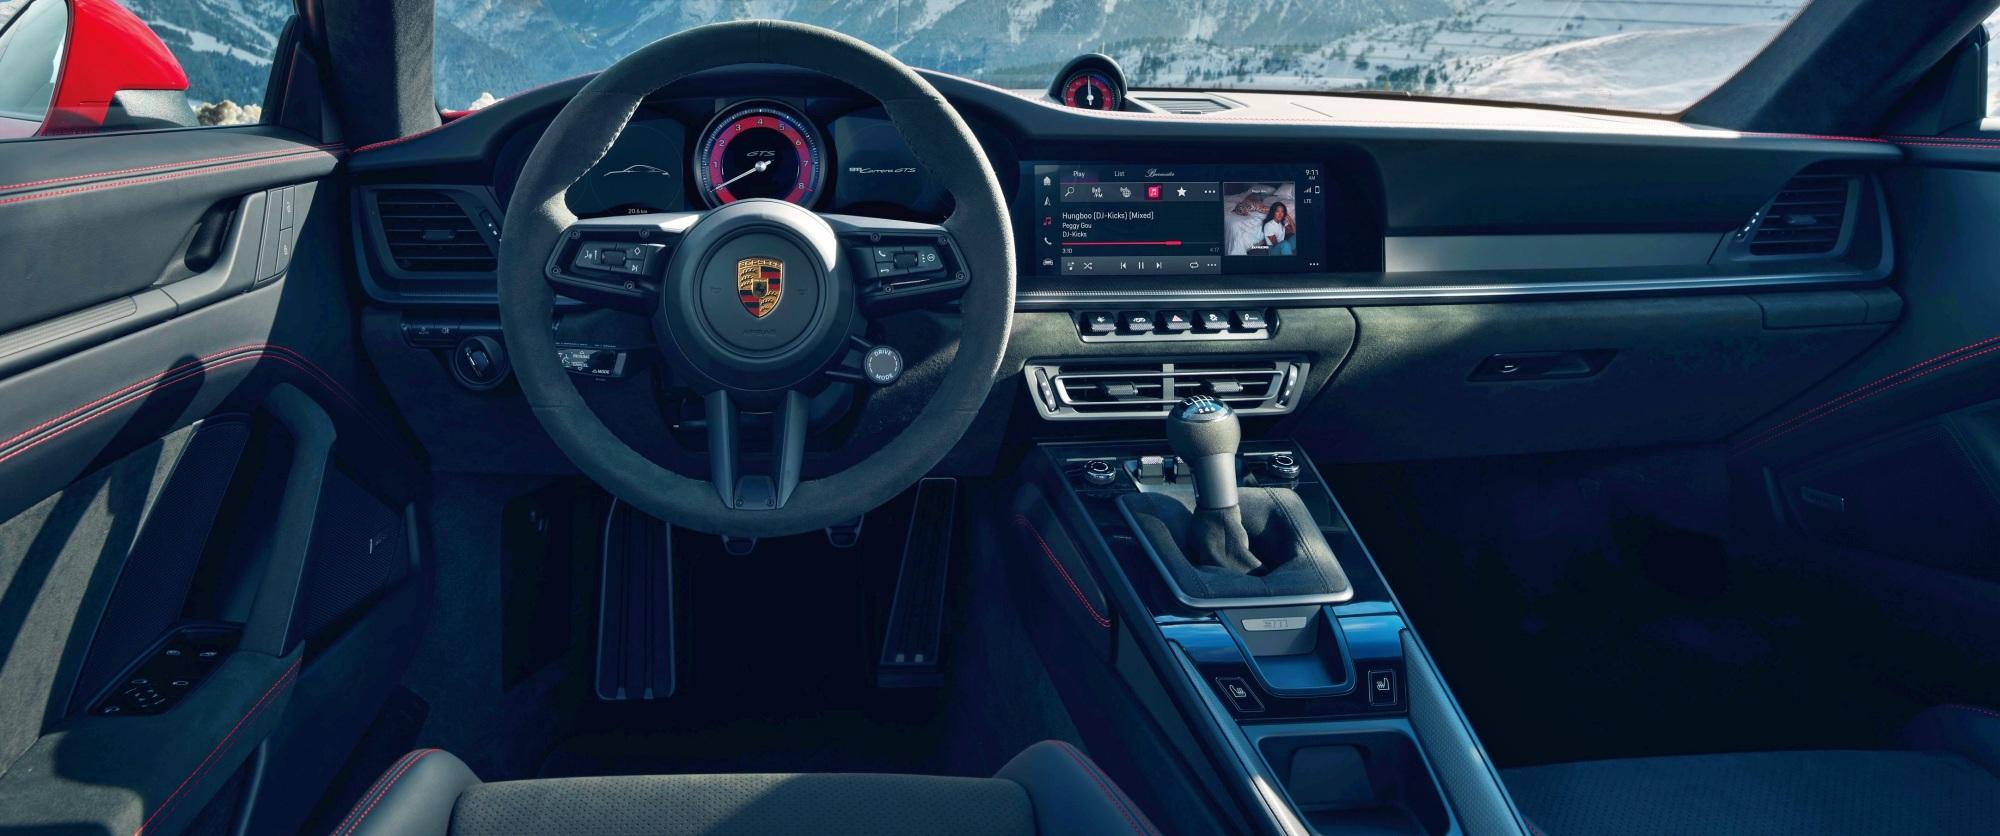 Porsche 911 GTS deska